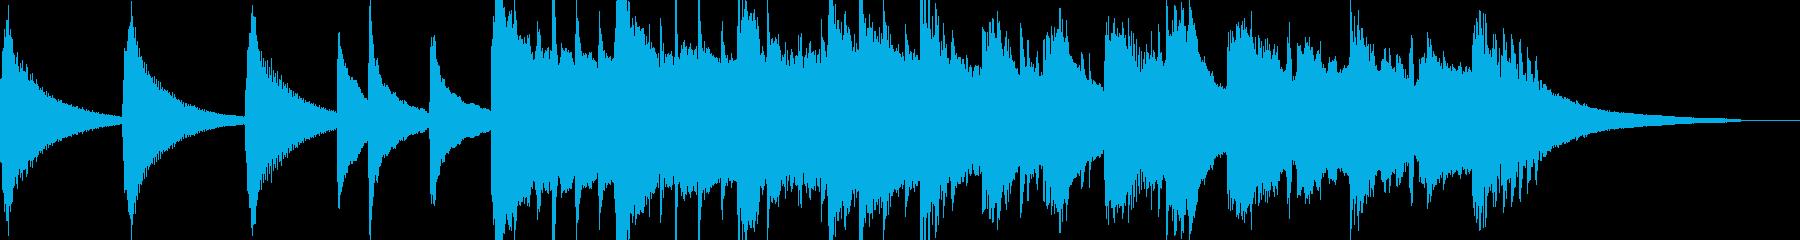 大地が割れる時(ピアノのみバージョン)の再生済みの波形